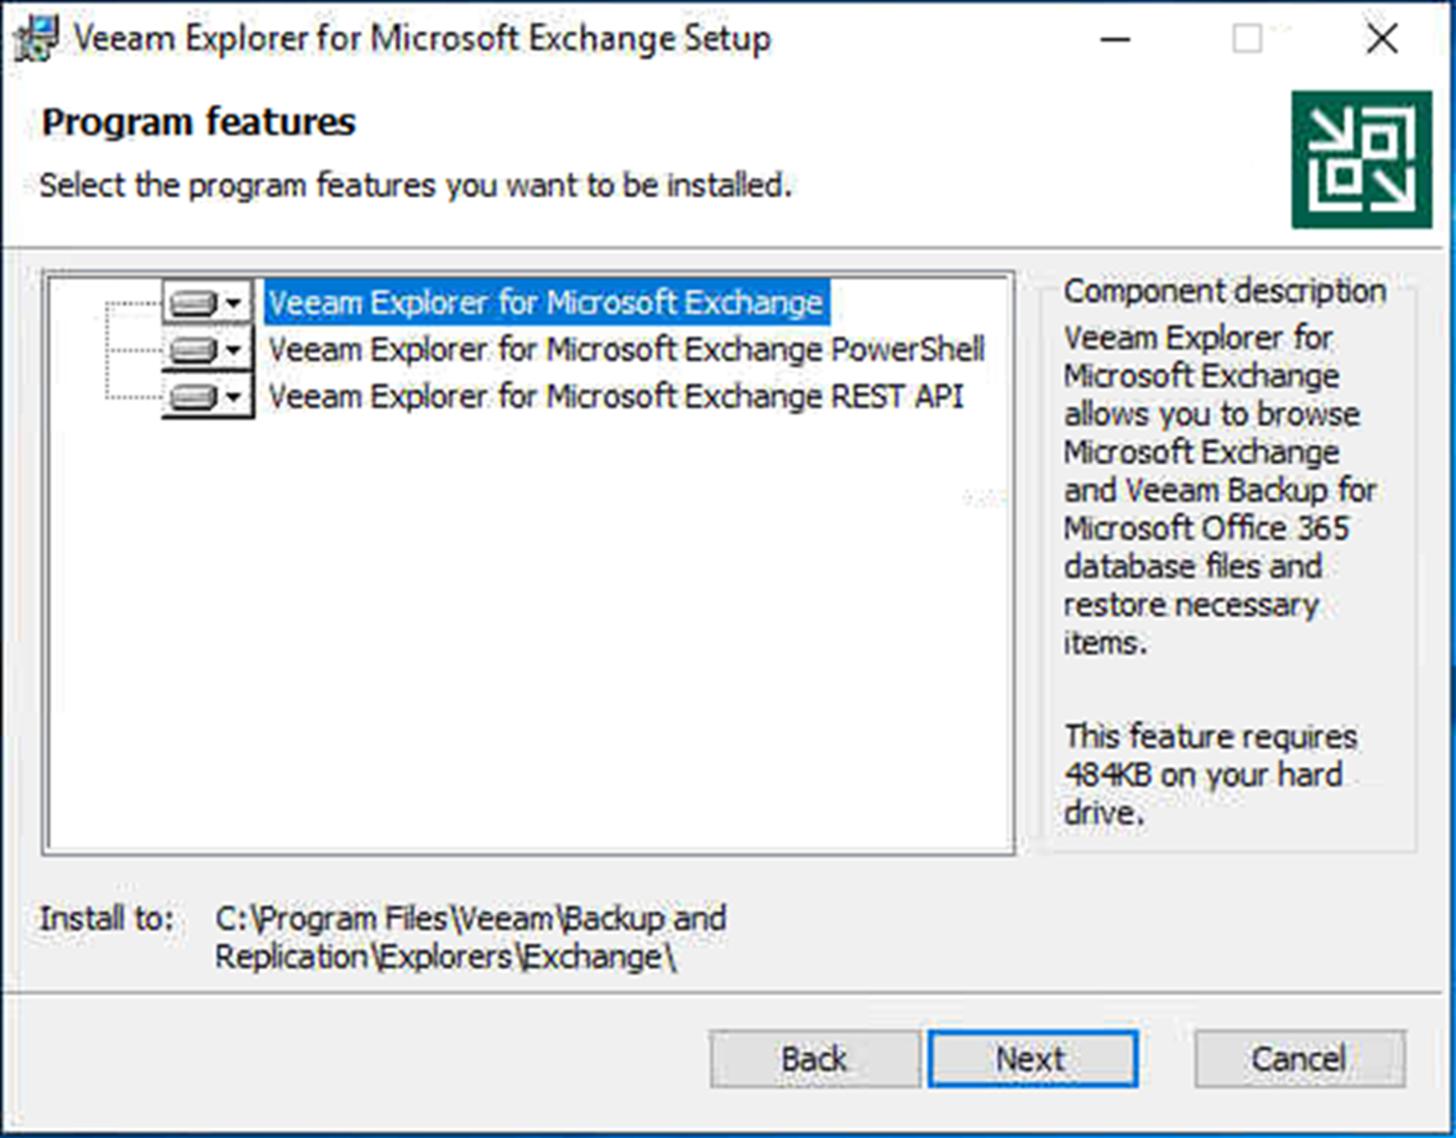 041019 0233 HowtoInstal12 - How to Install Veeam Backup for Microsoft Office 365 V3 #Veeam #MVPHOUR #Office365